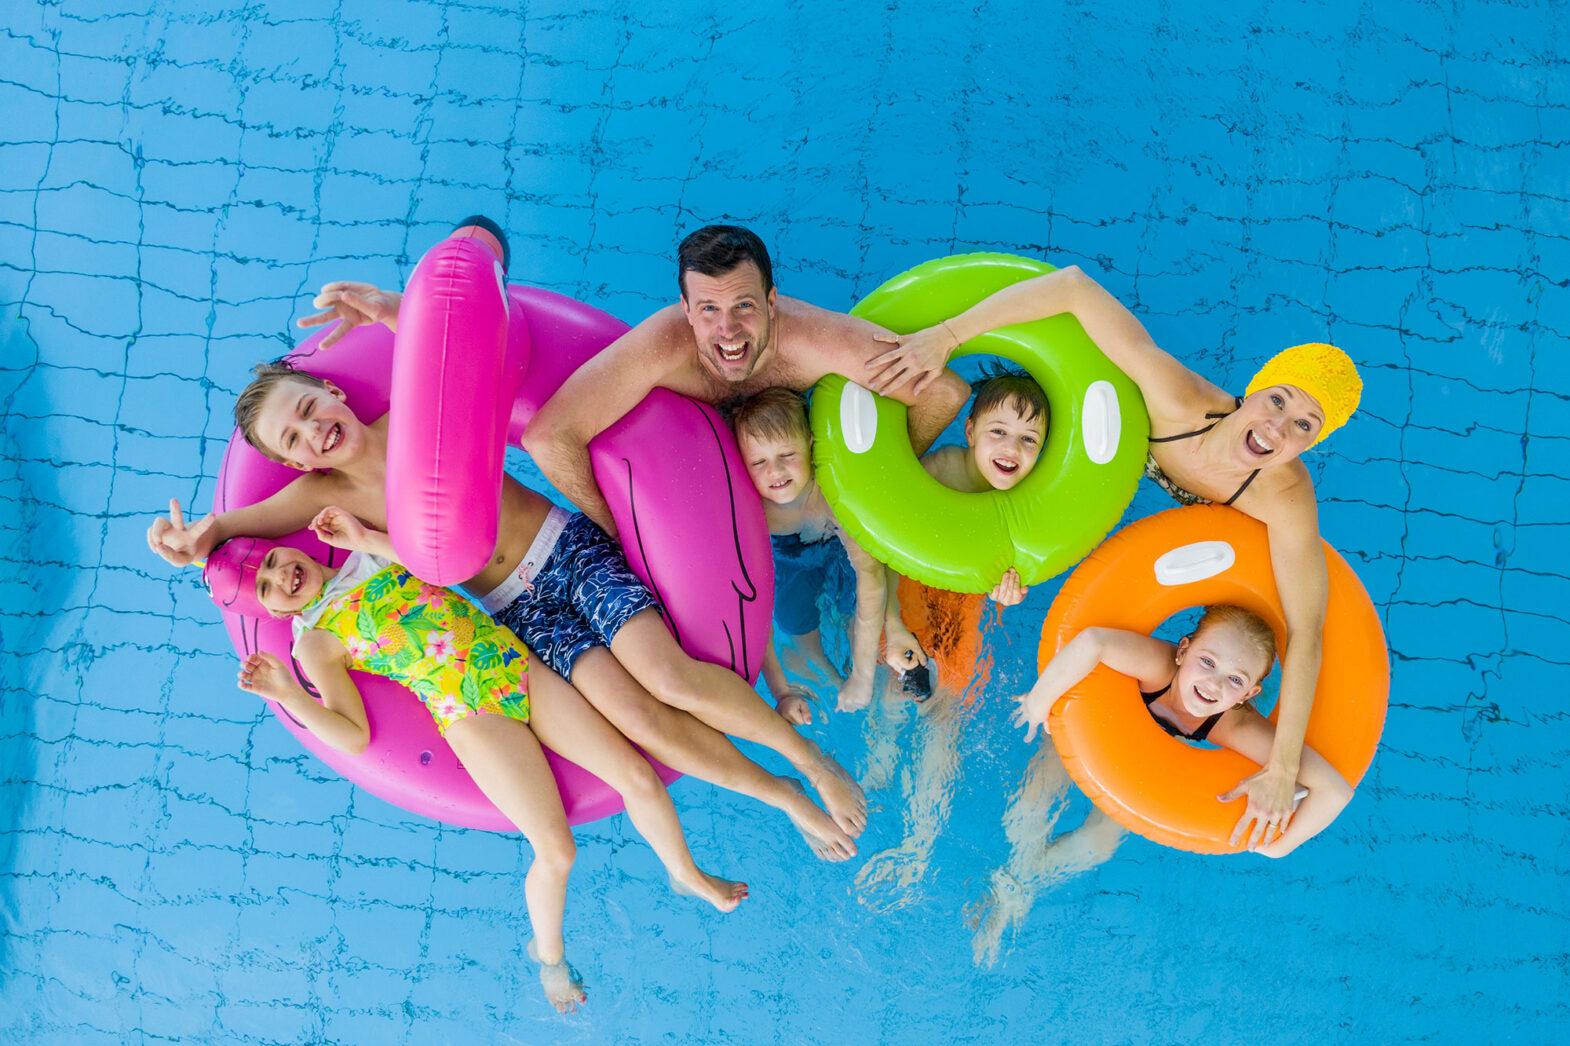 Familj badar i pool tillsammans.